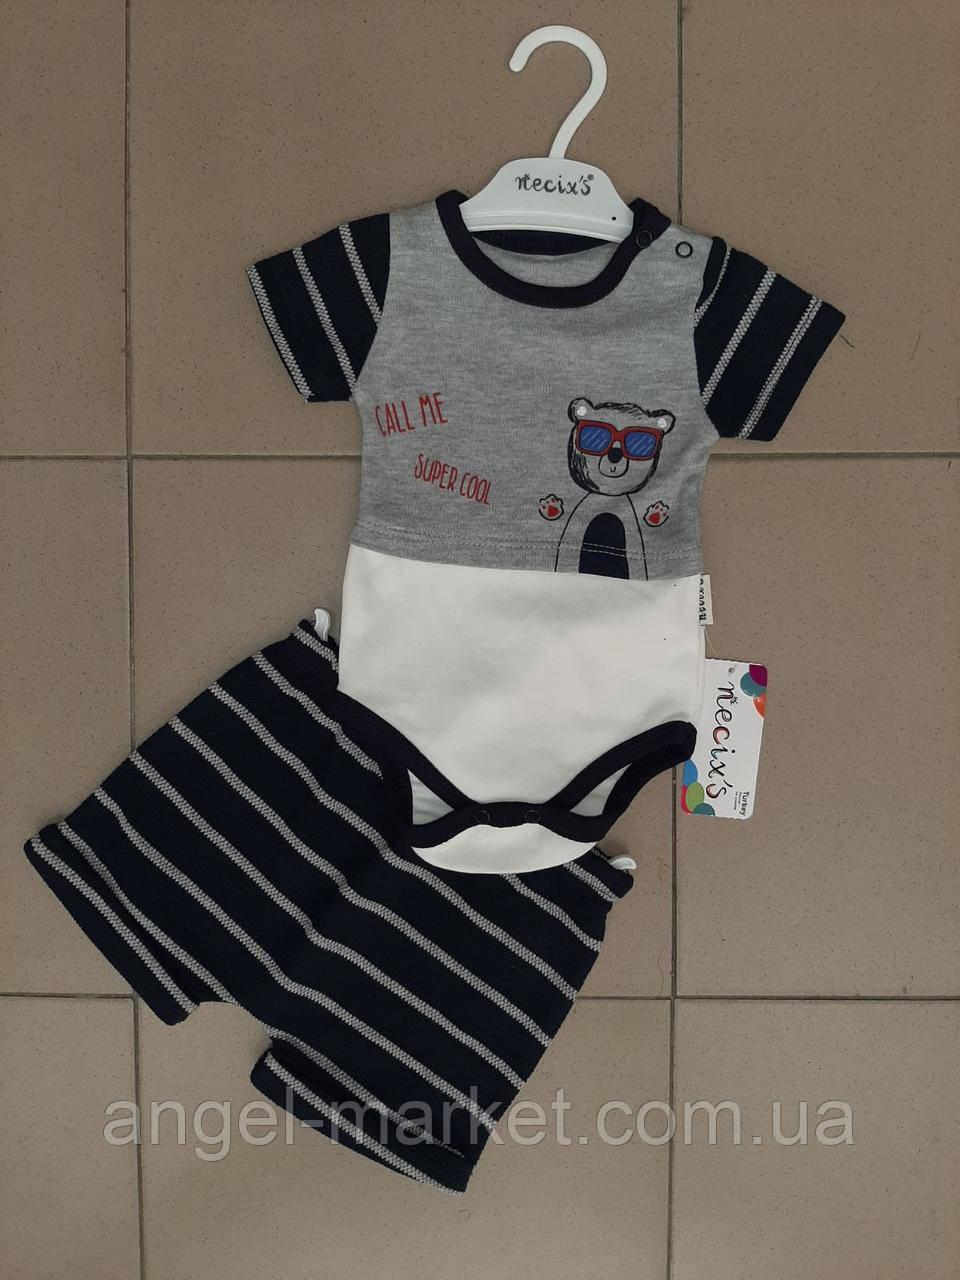 Костюм для мальчика двойка шорты+футболка-боди с принтом 0-3:3-6:6-9: мес Новинка 2020